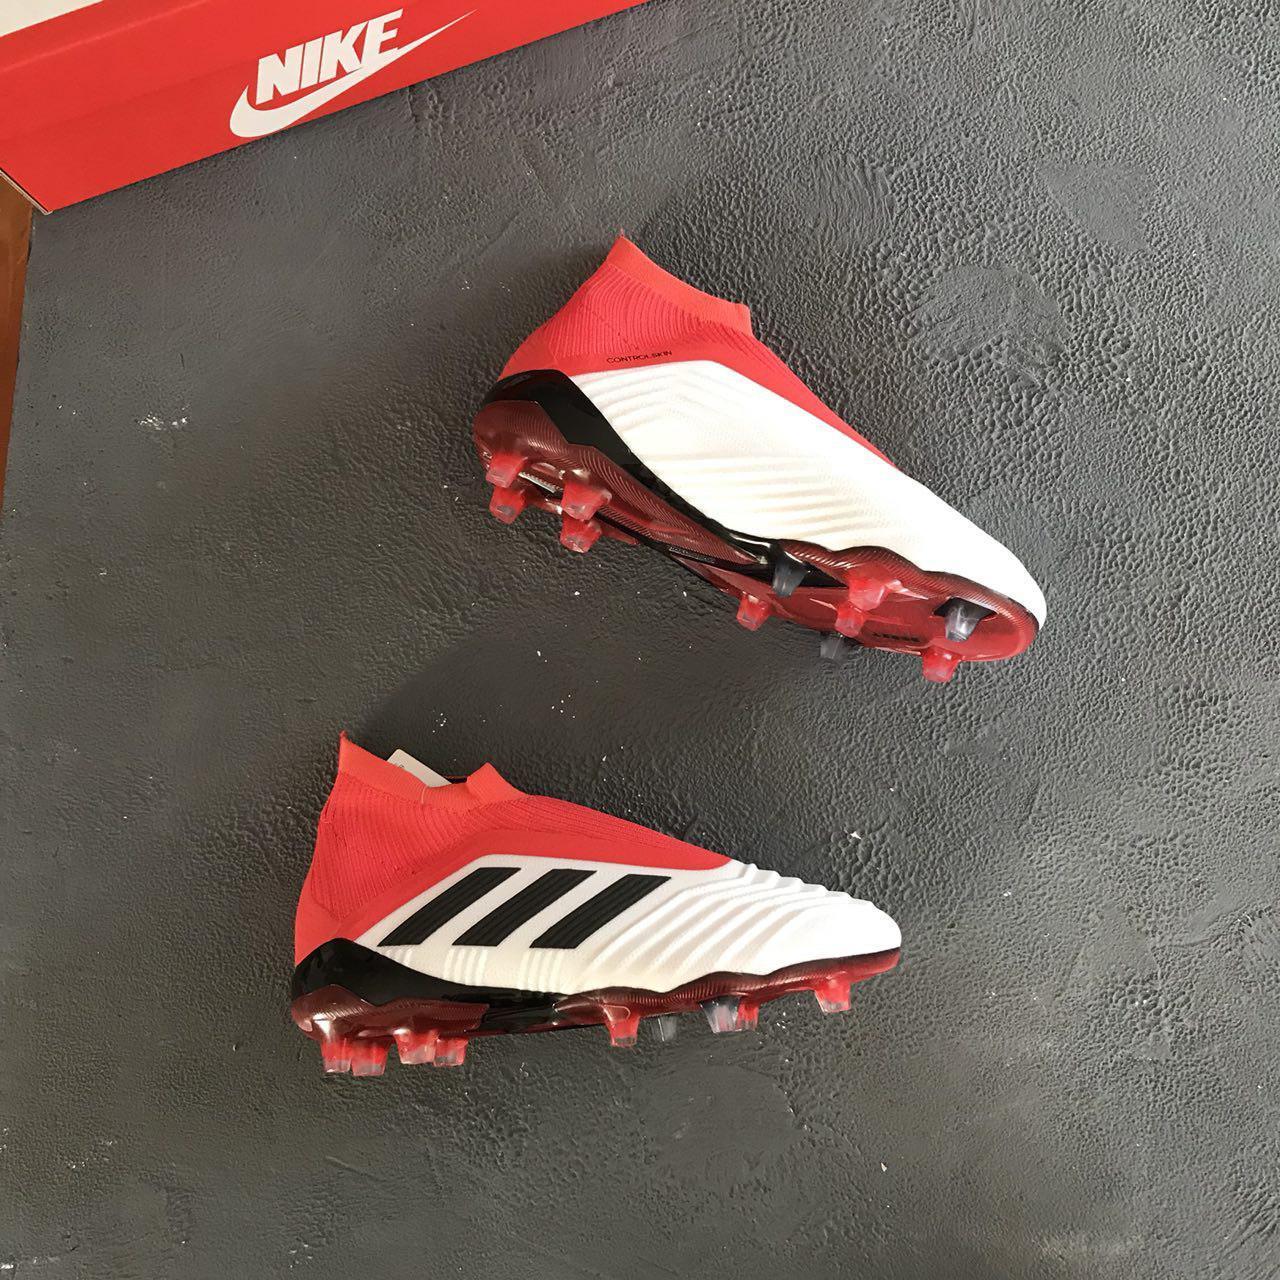 Бутсы Adidas Predator 18+ FG - Sport Exclusive магазин футбольной  экипировки в Киеве 932b5ffe937